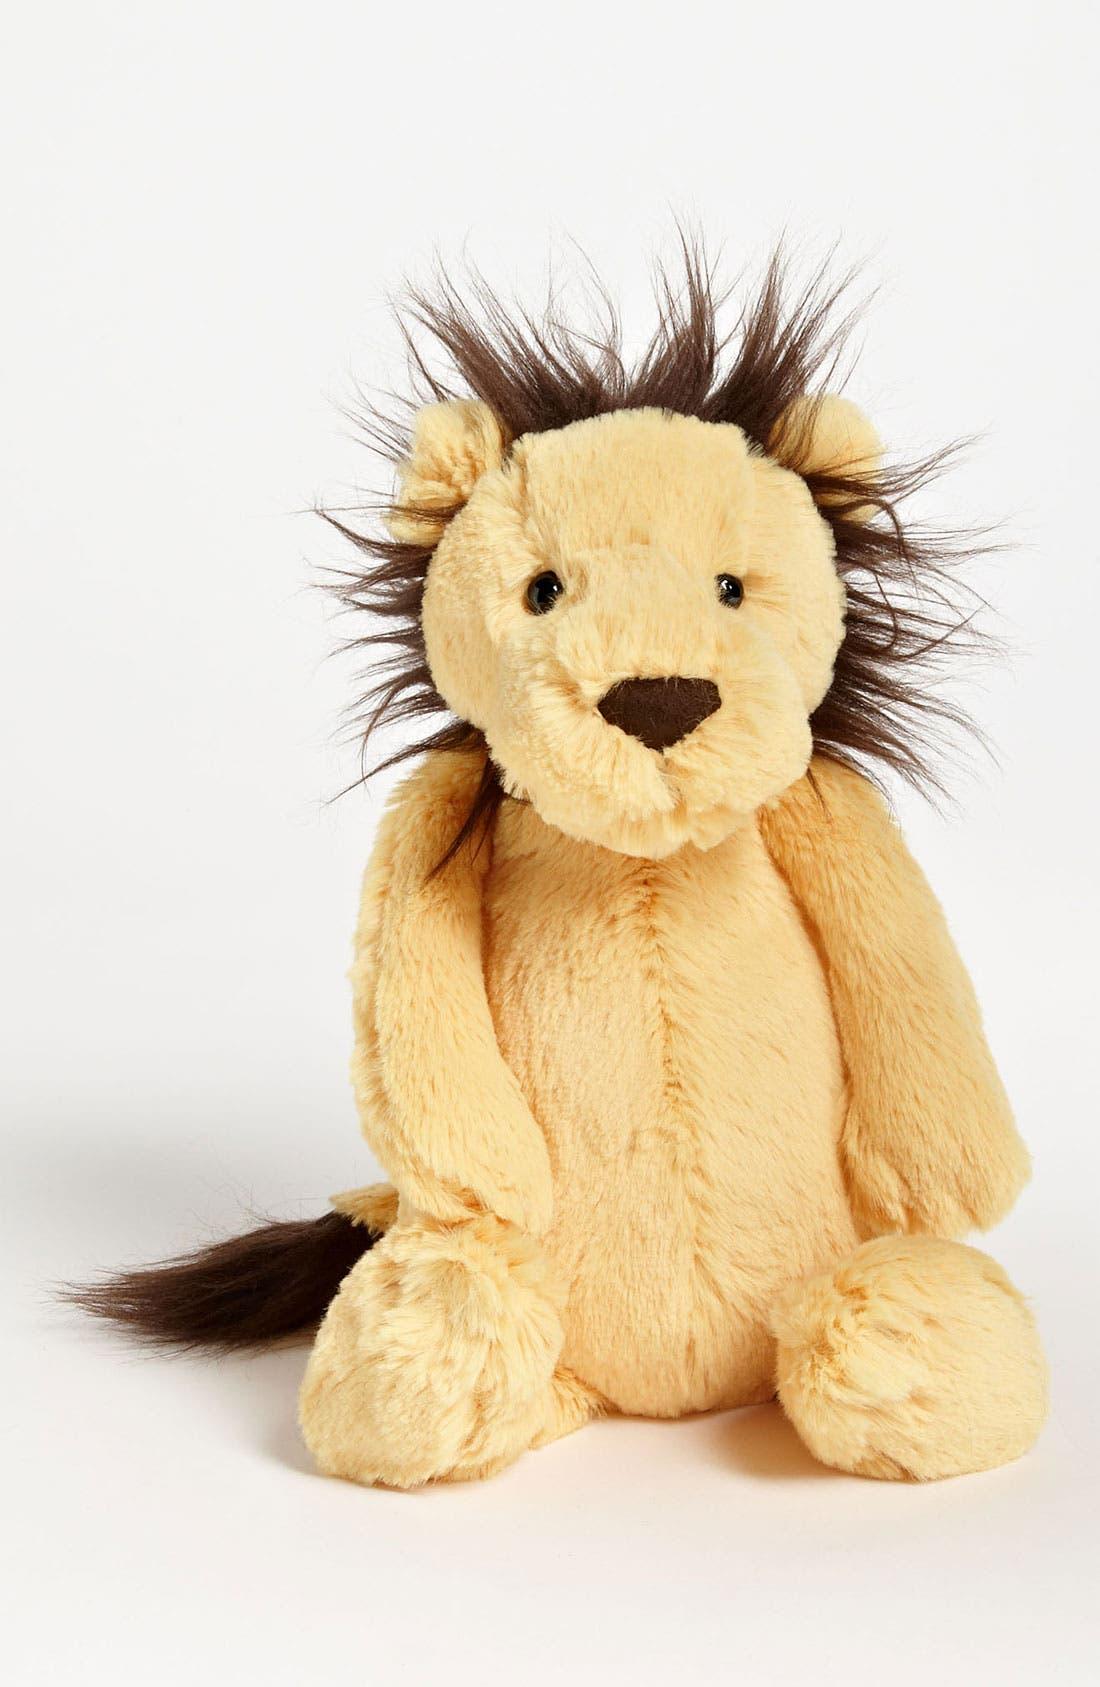 Main Image - Jellycat 'Bashful Lion' Stuffed Animal